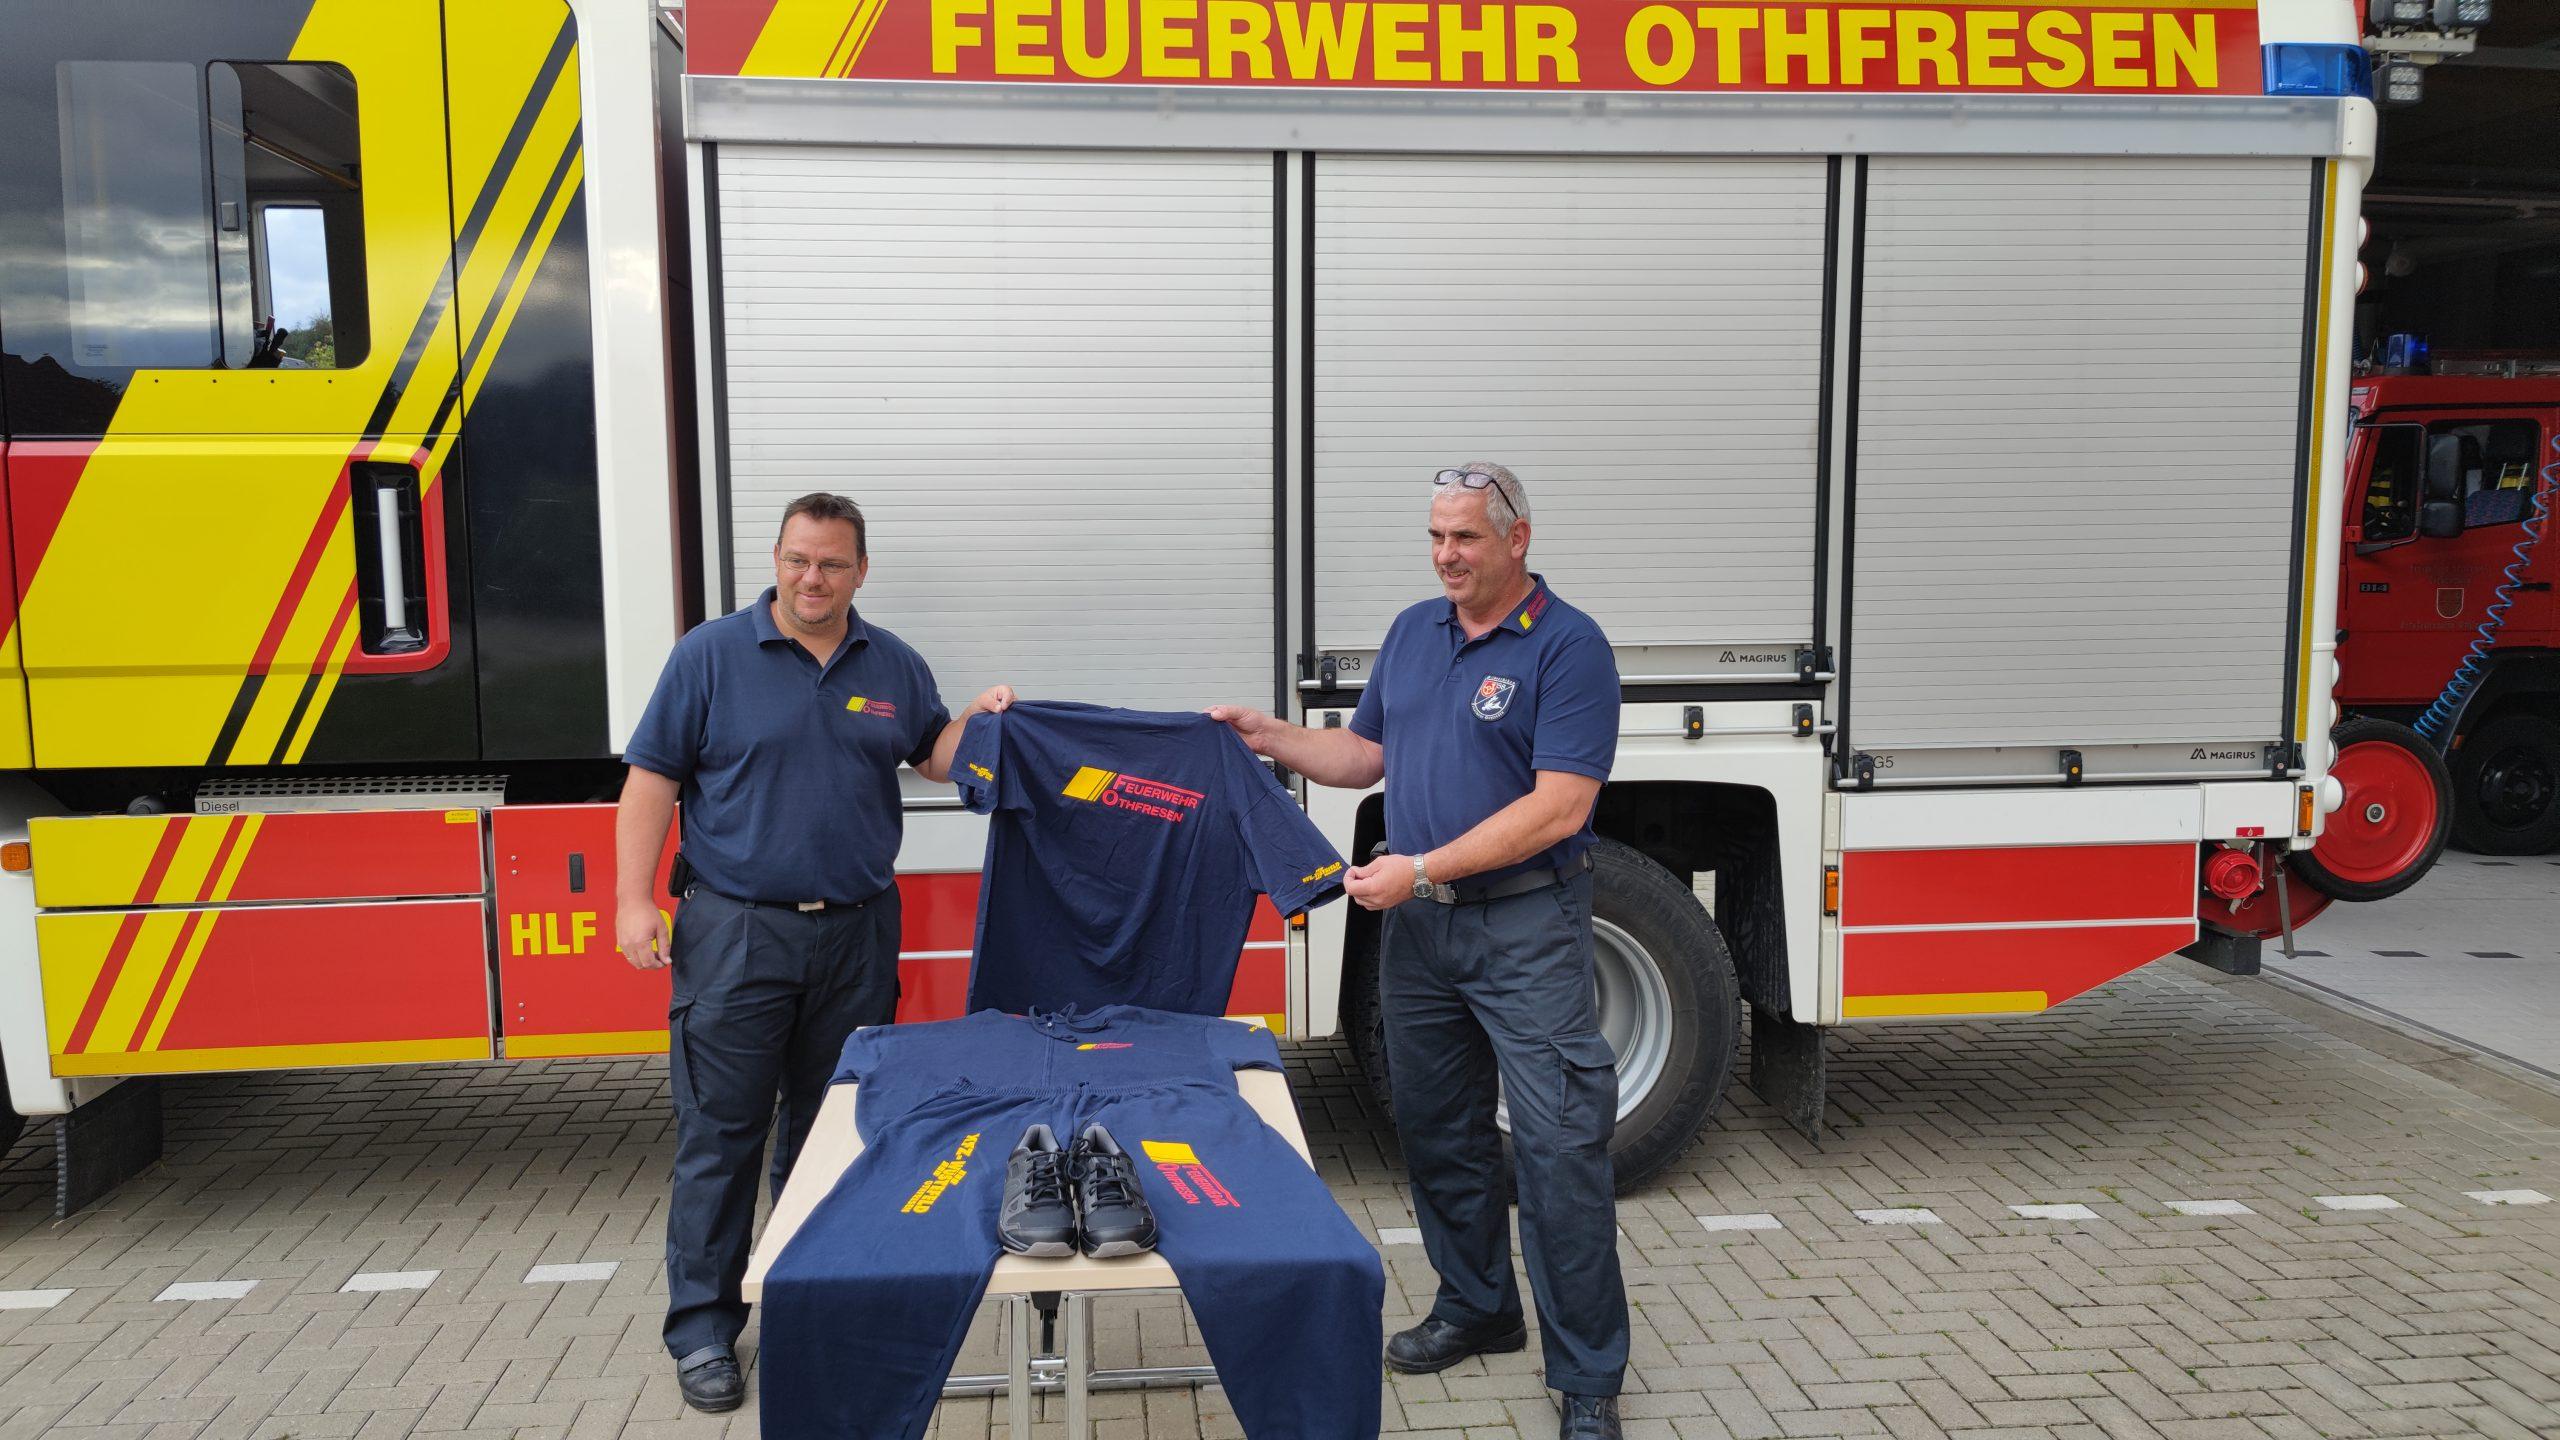 Feuerwehr erhält Wechselbekleidung